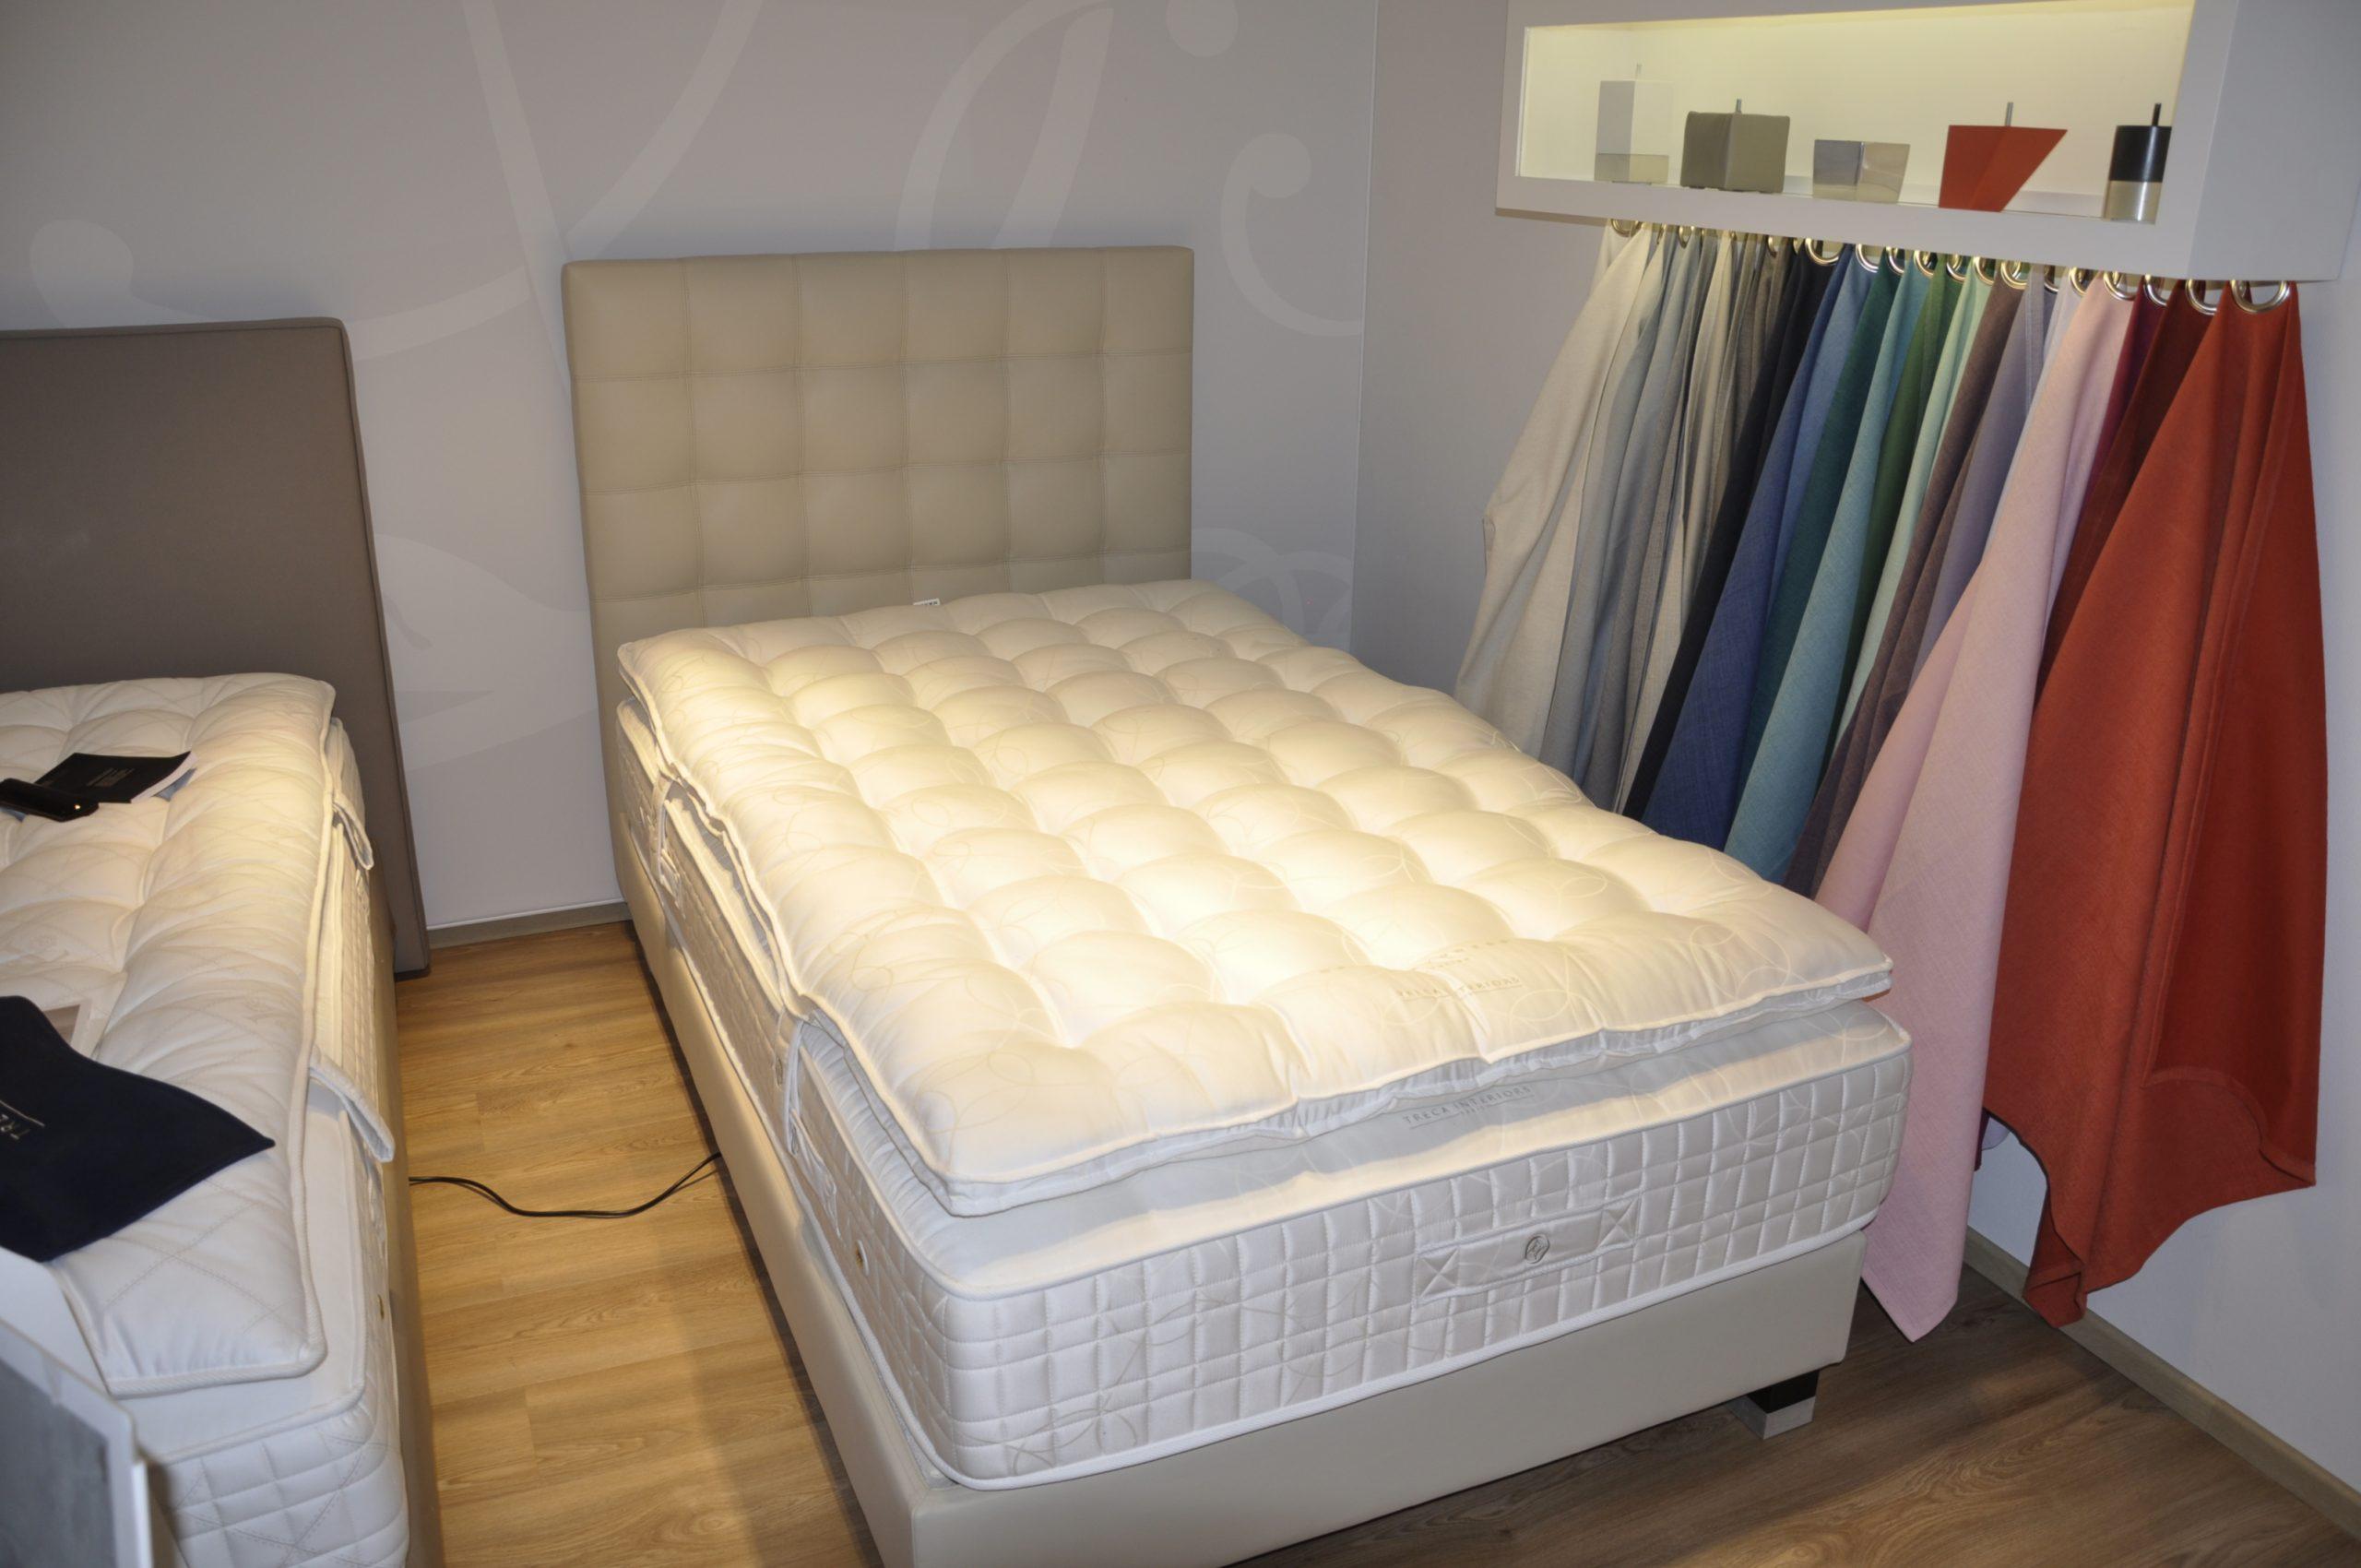 Full Size of Treca Betten Aus Holz Tagesdecken Für Coole Schöne Poco Nolte übergewichtige Moebel De Oschmann Teenager Massivholz überlänge Dänisches Bettenlager Bett Treca Betten